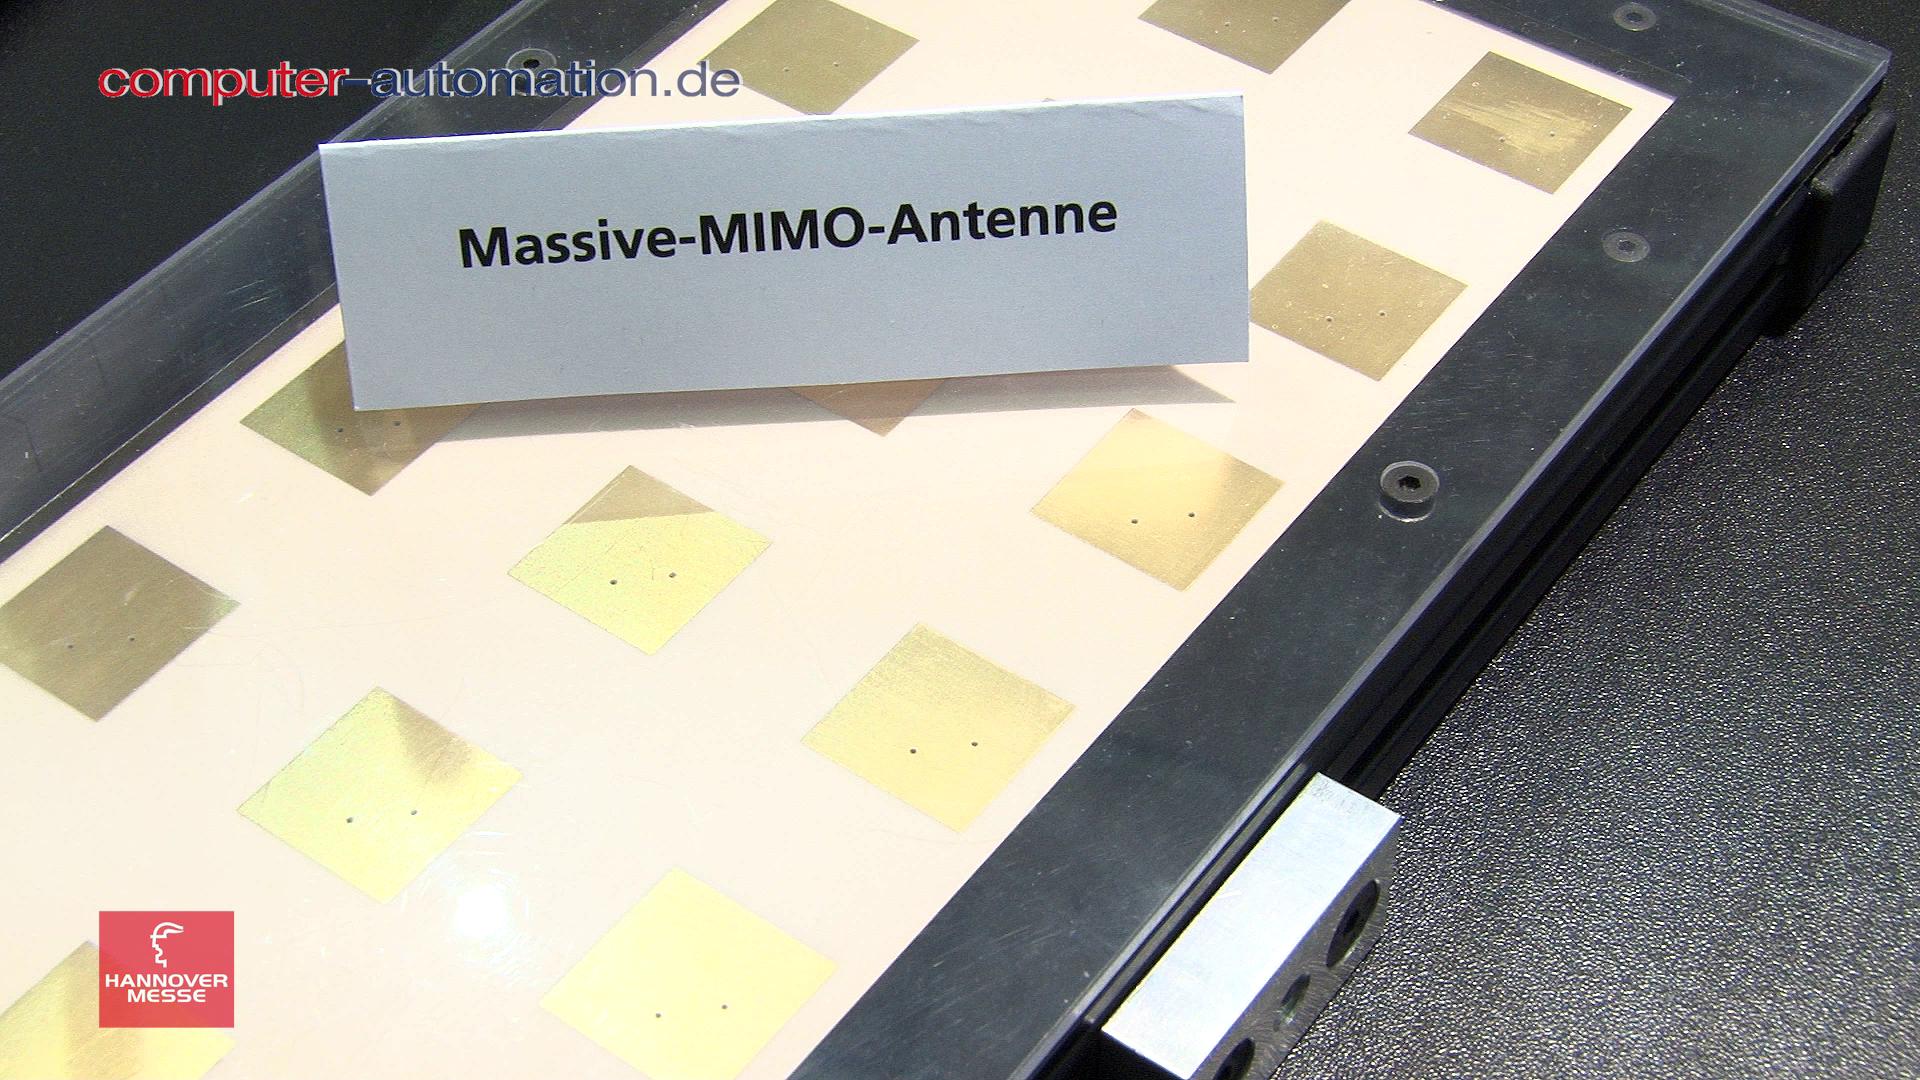 Fraunhofer Fokus: Massive-Mimo als 5G-Treiber